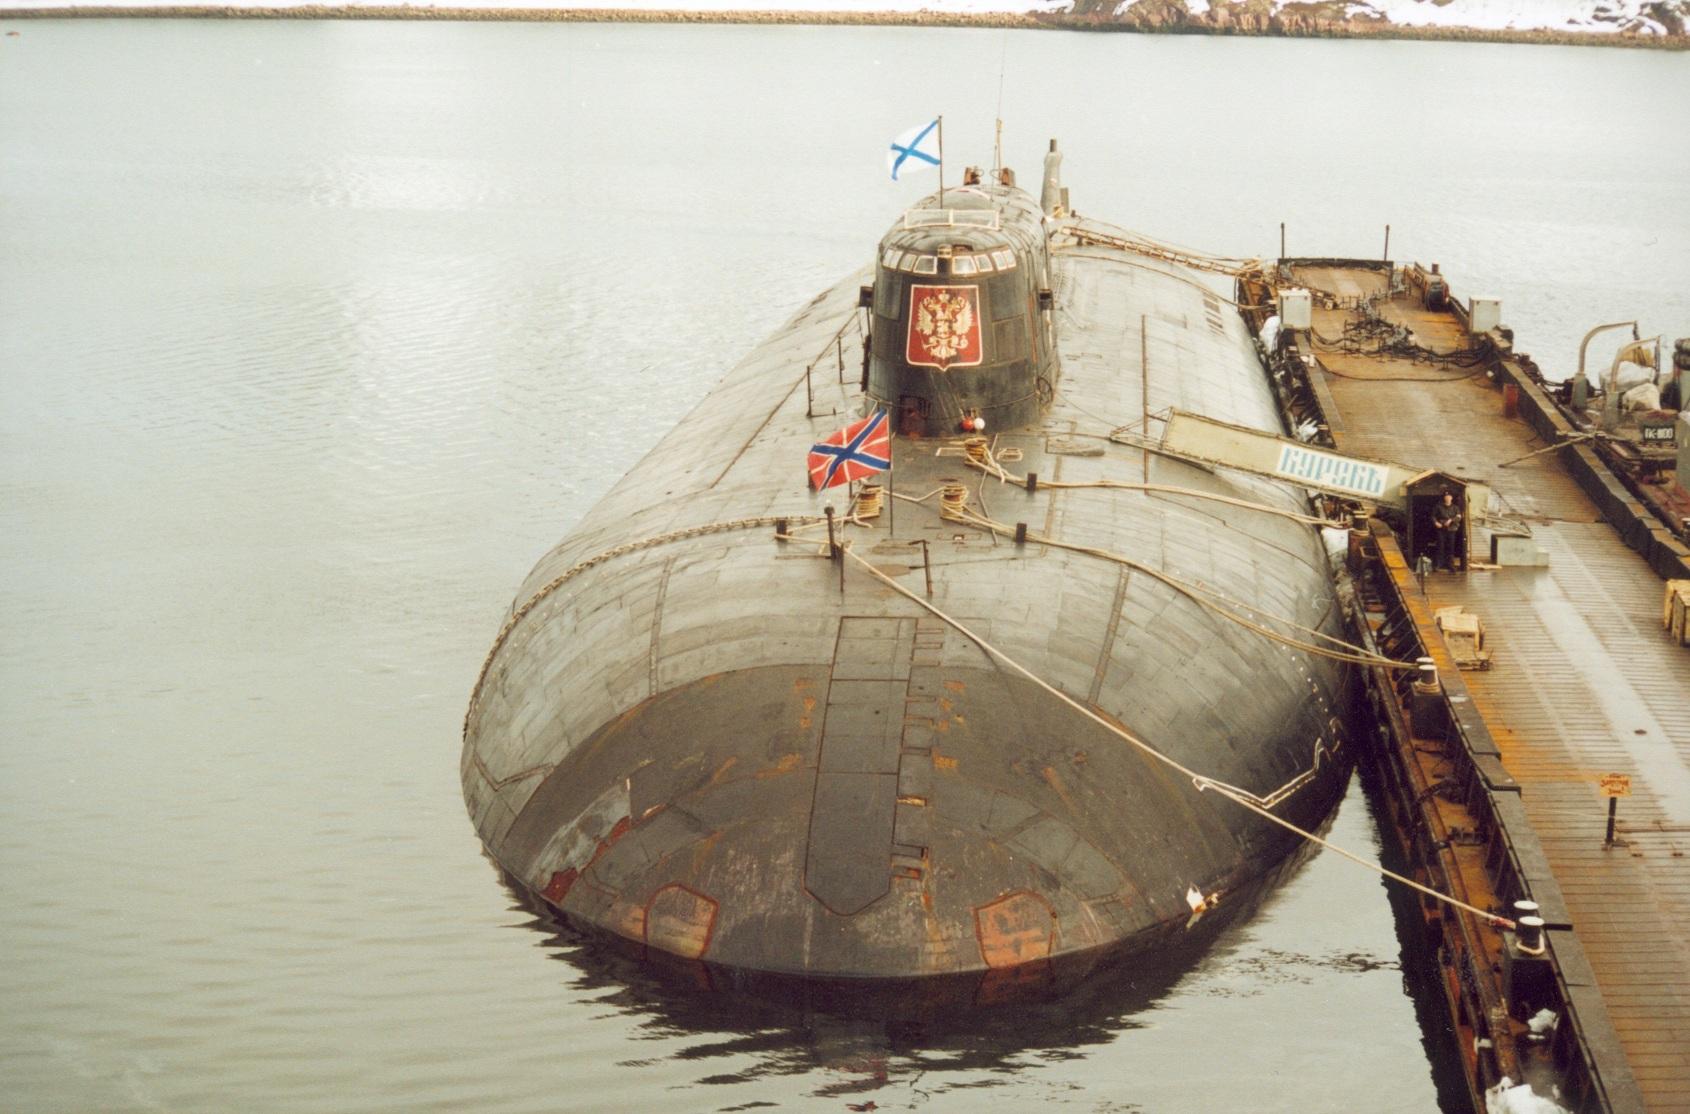 Атомная подводная лодка с крылатыми ракетами. Пр.949А. () «Курск» - 1